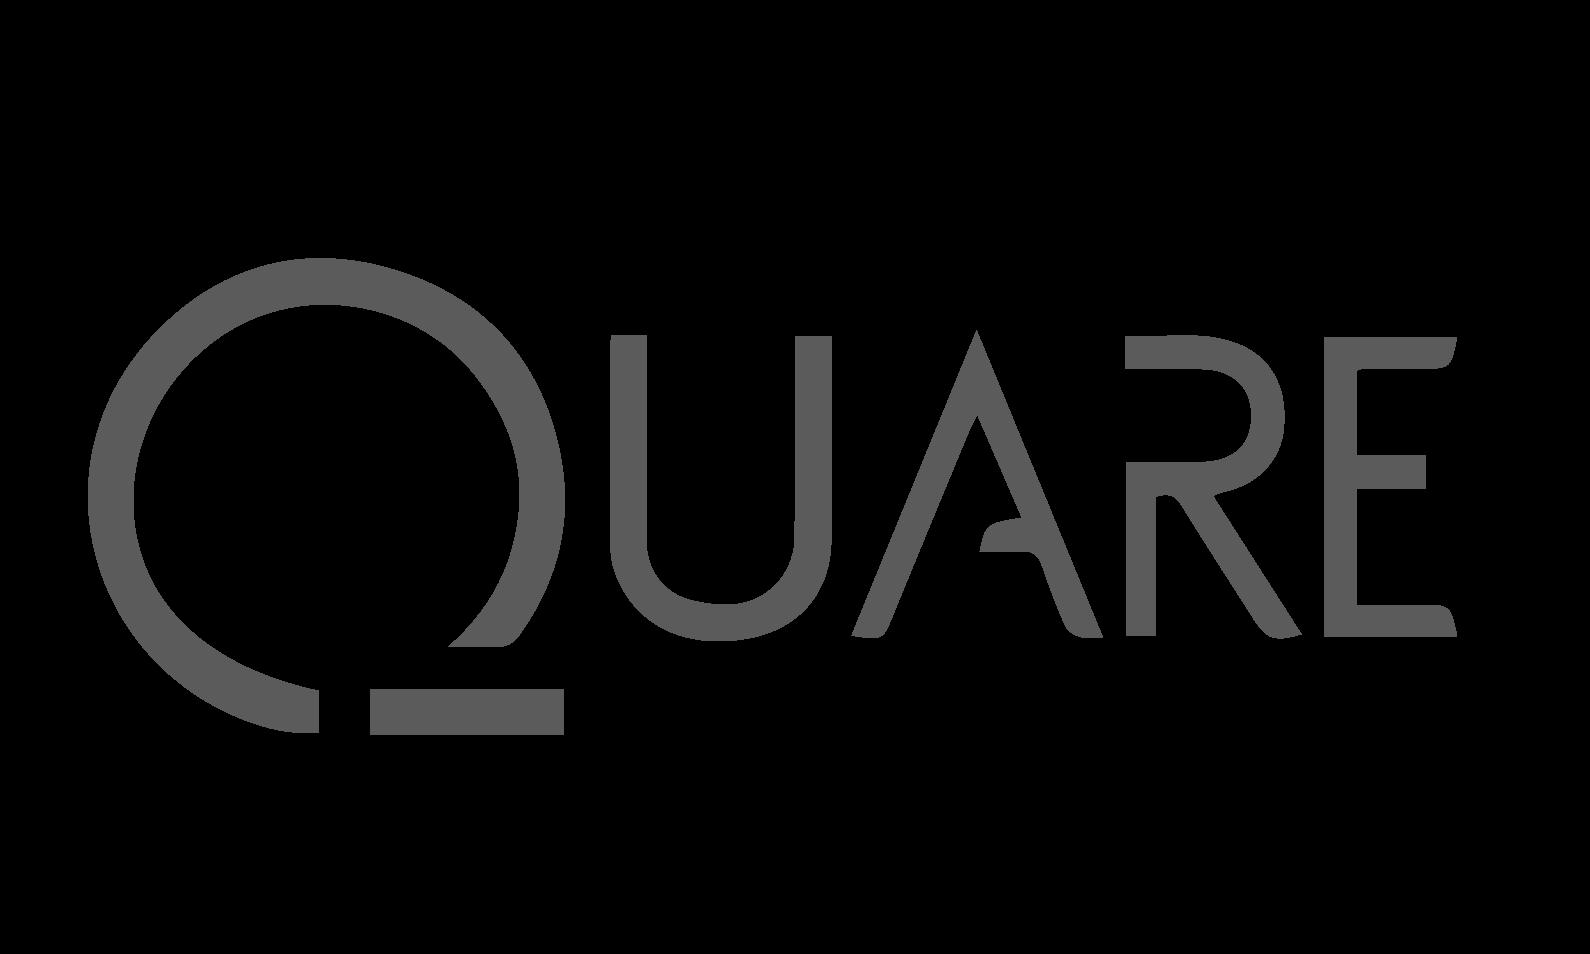 quare grey logo